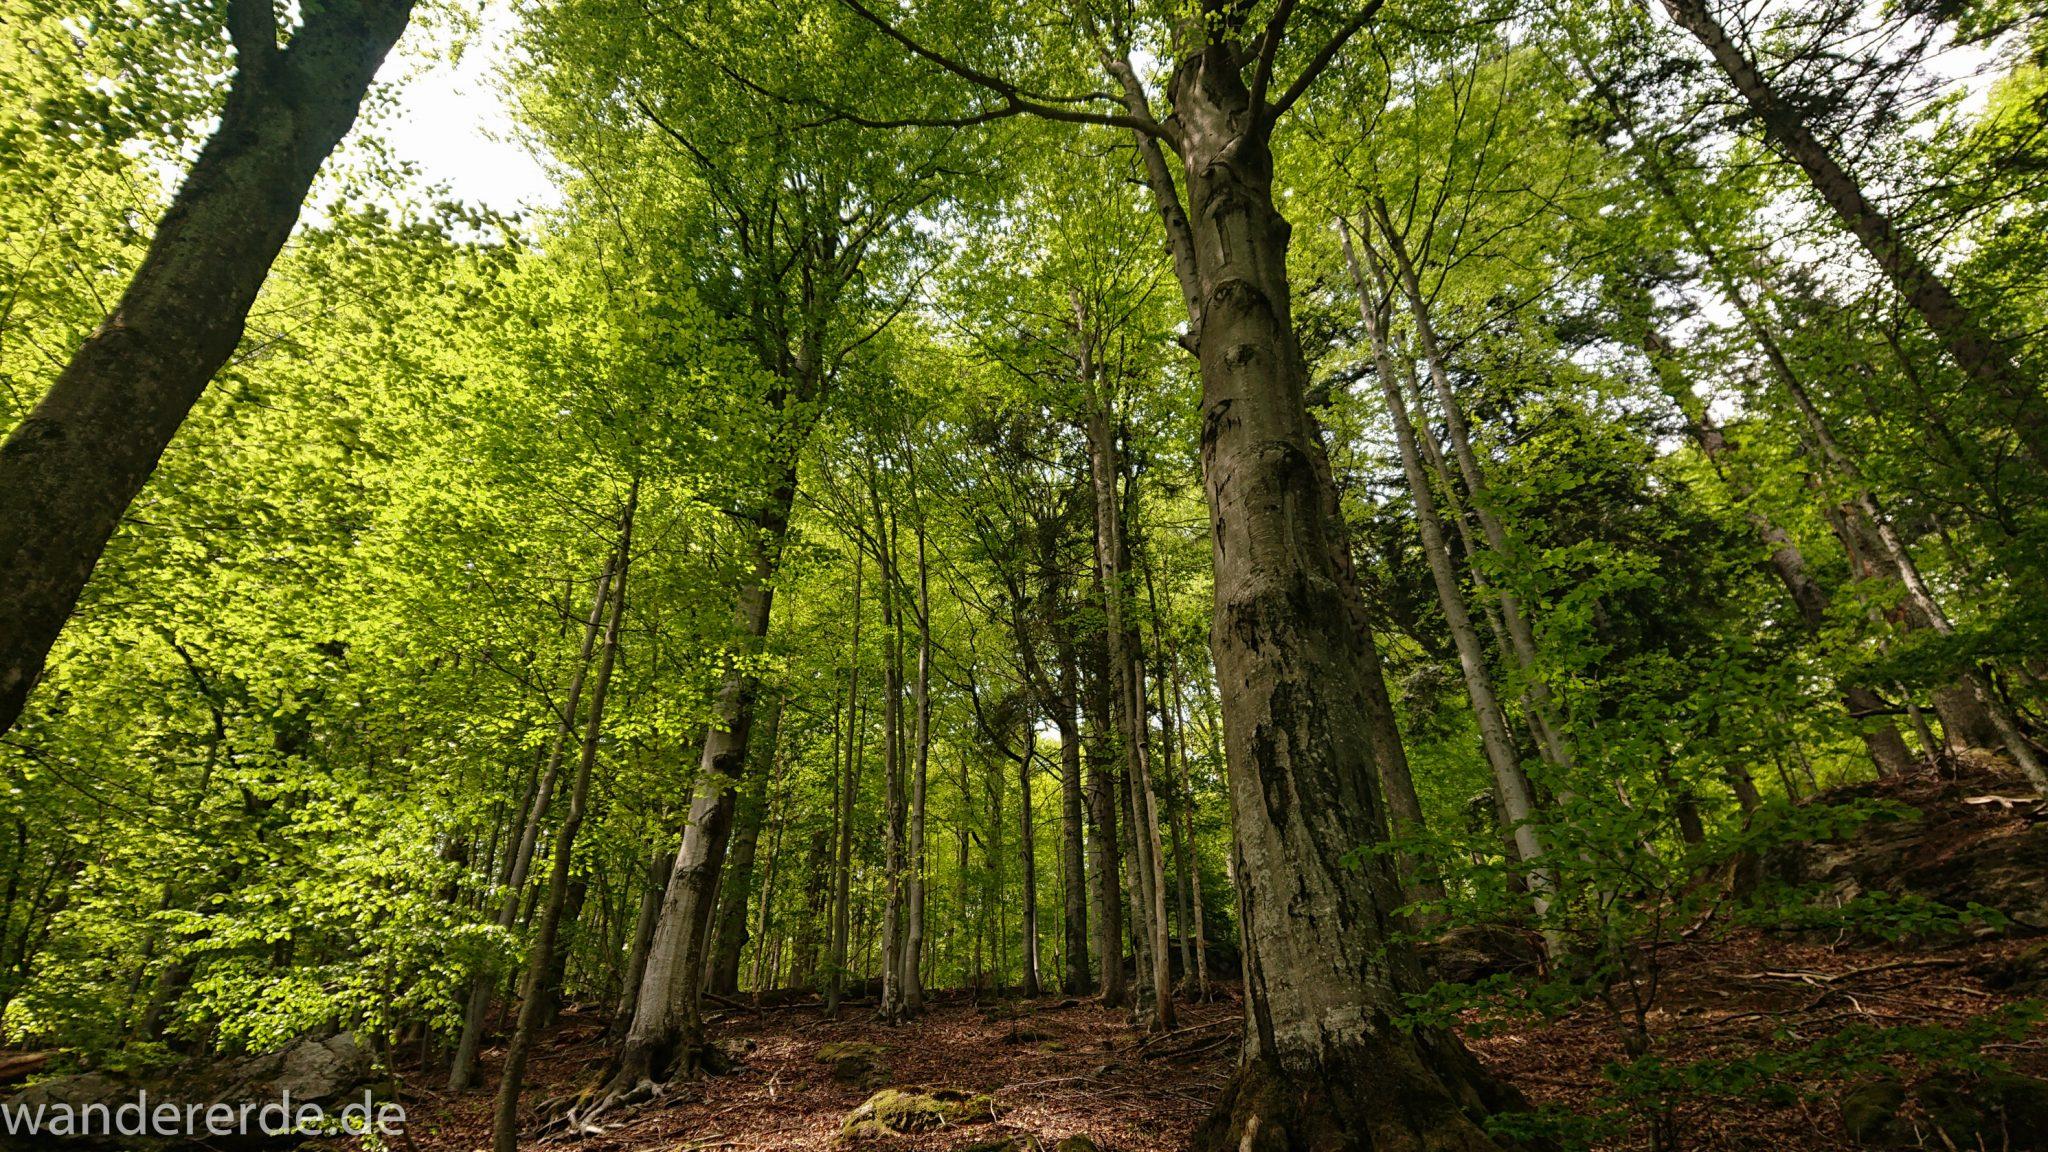 Rundwanderung zum Großen Falkenstein im Bayerischen Wald mit Start beim Zwieslerwaldhaus, auf dem Wanderweg Heidelbeere mit traumhaft schönem und dichtem Wald, kühlender Schatten, Frühjahr im bayerischen Wald, riesige Laubbäume